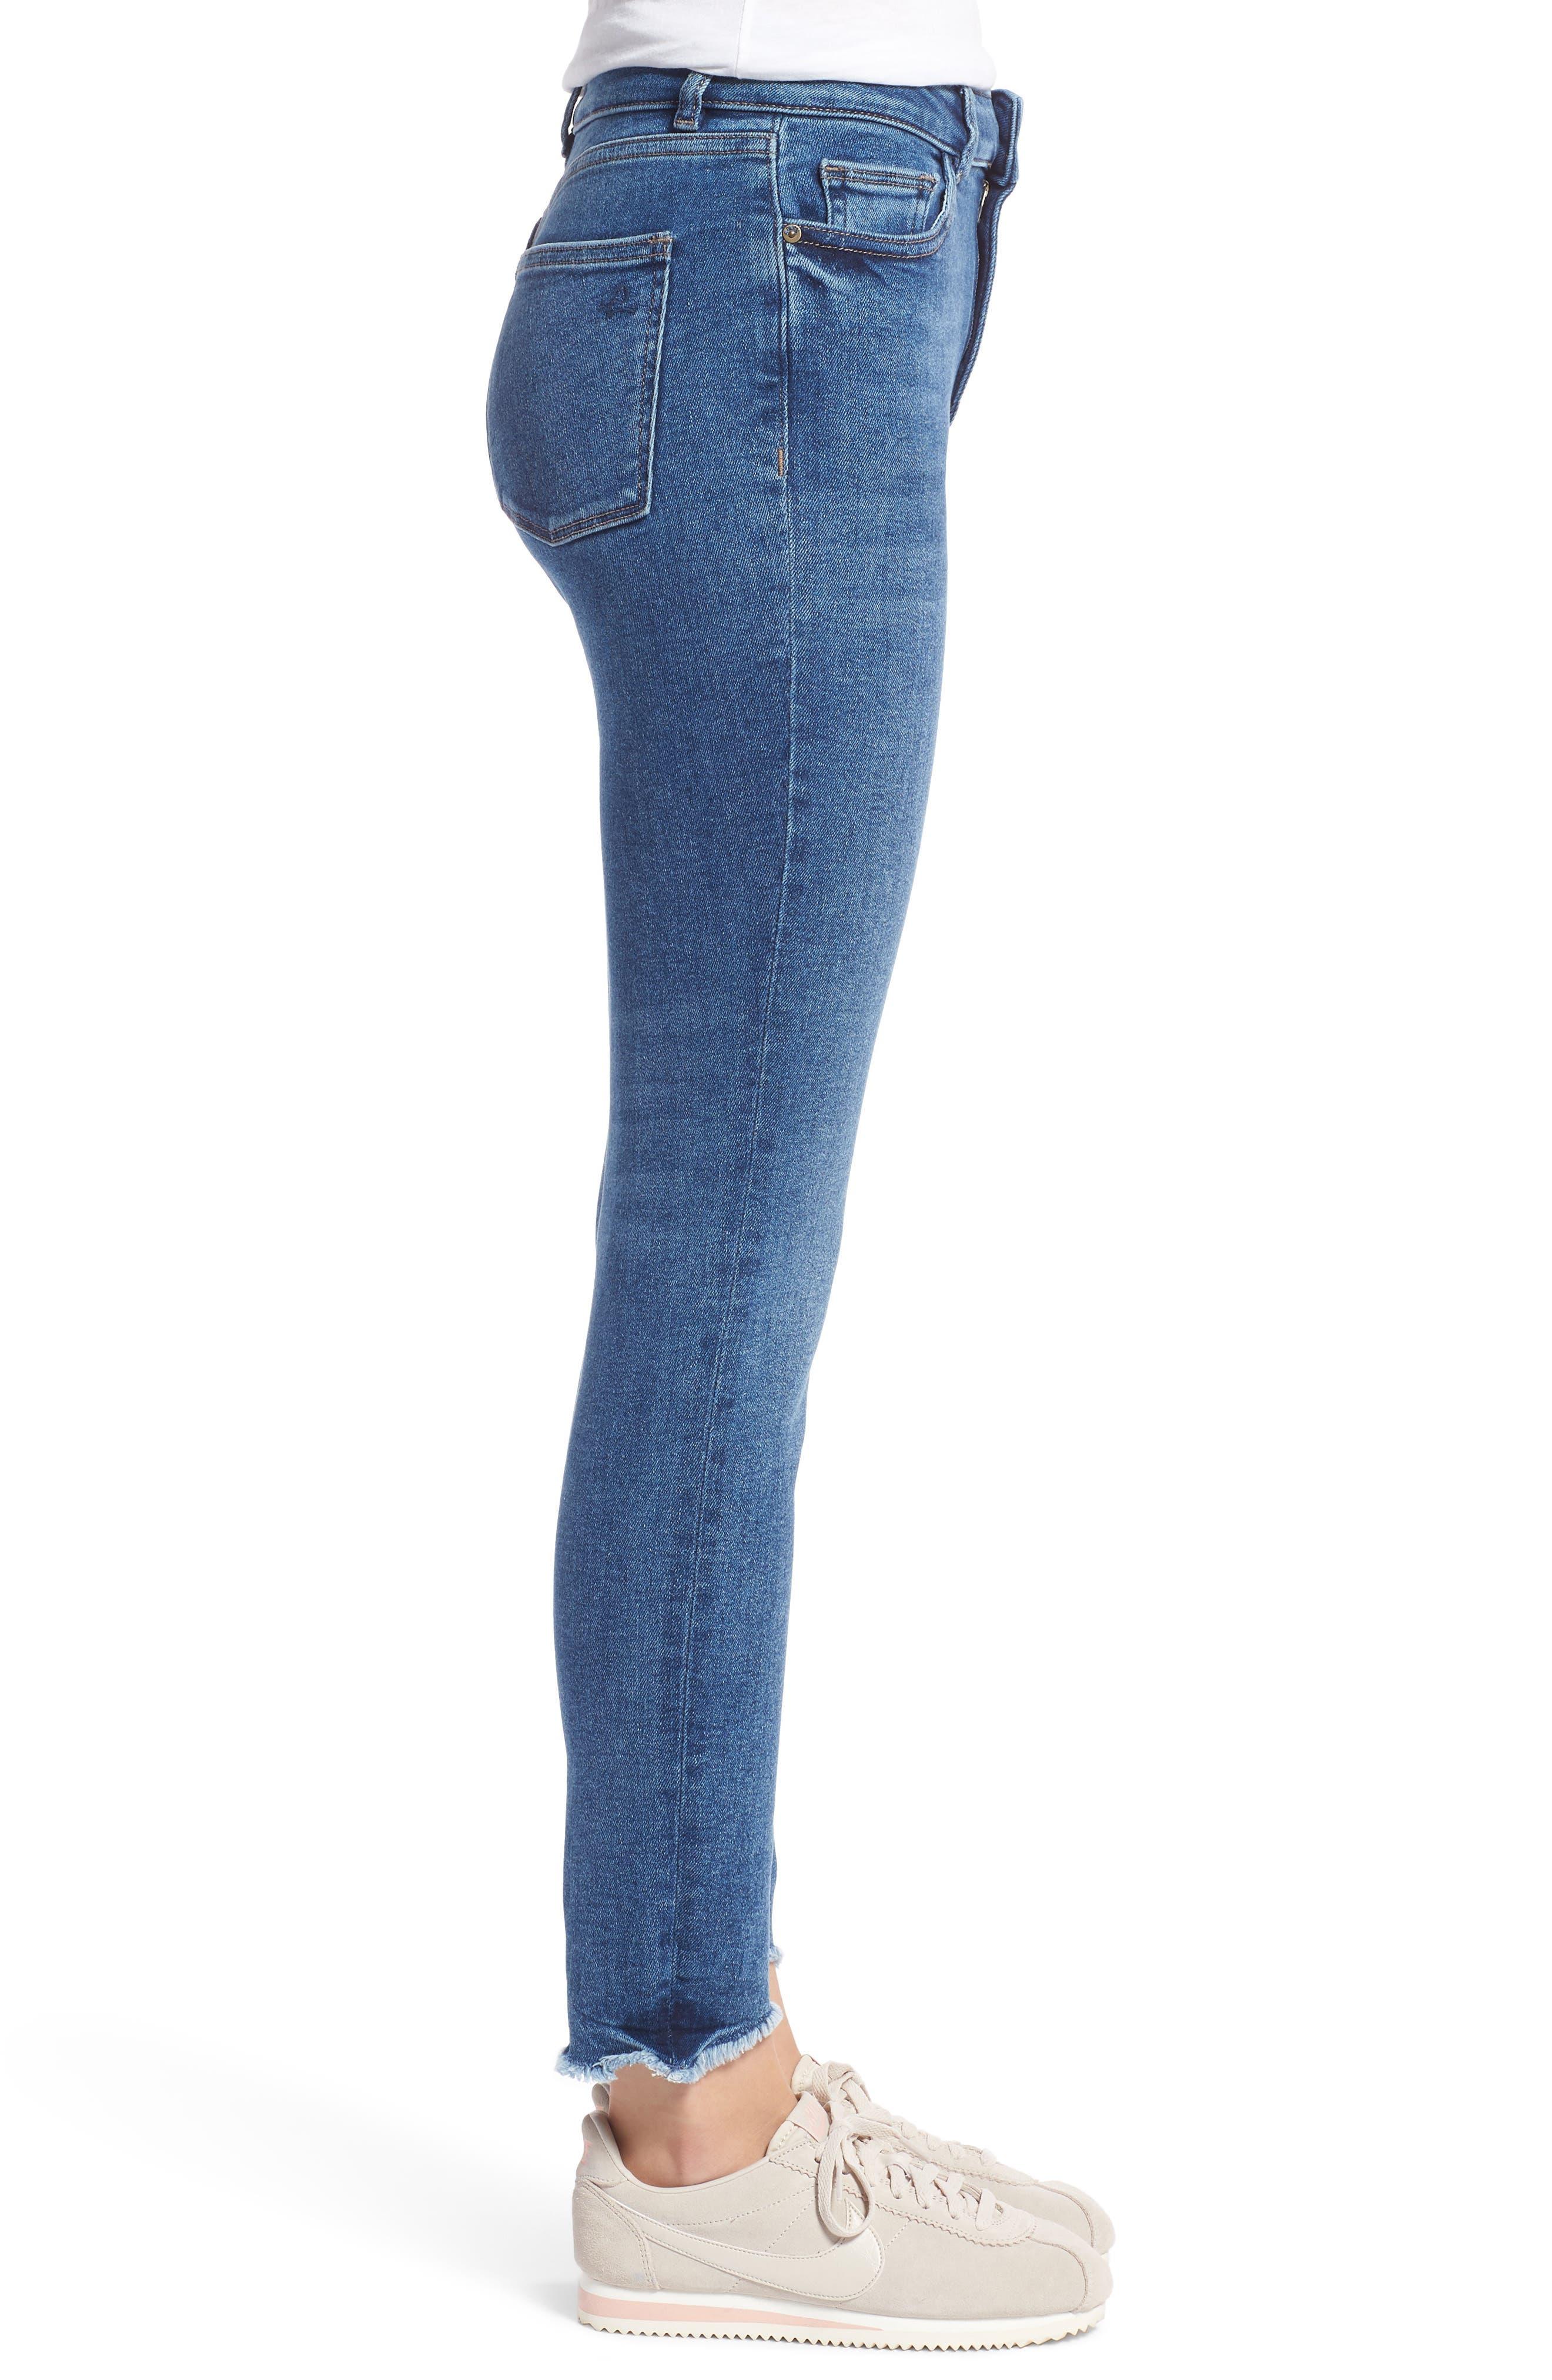 Farrow High Waist Skinny Jeans,                             Alternate thumbnail 3, color,                             422